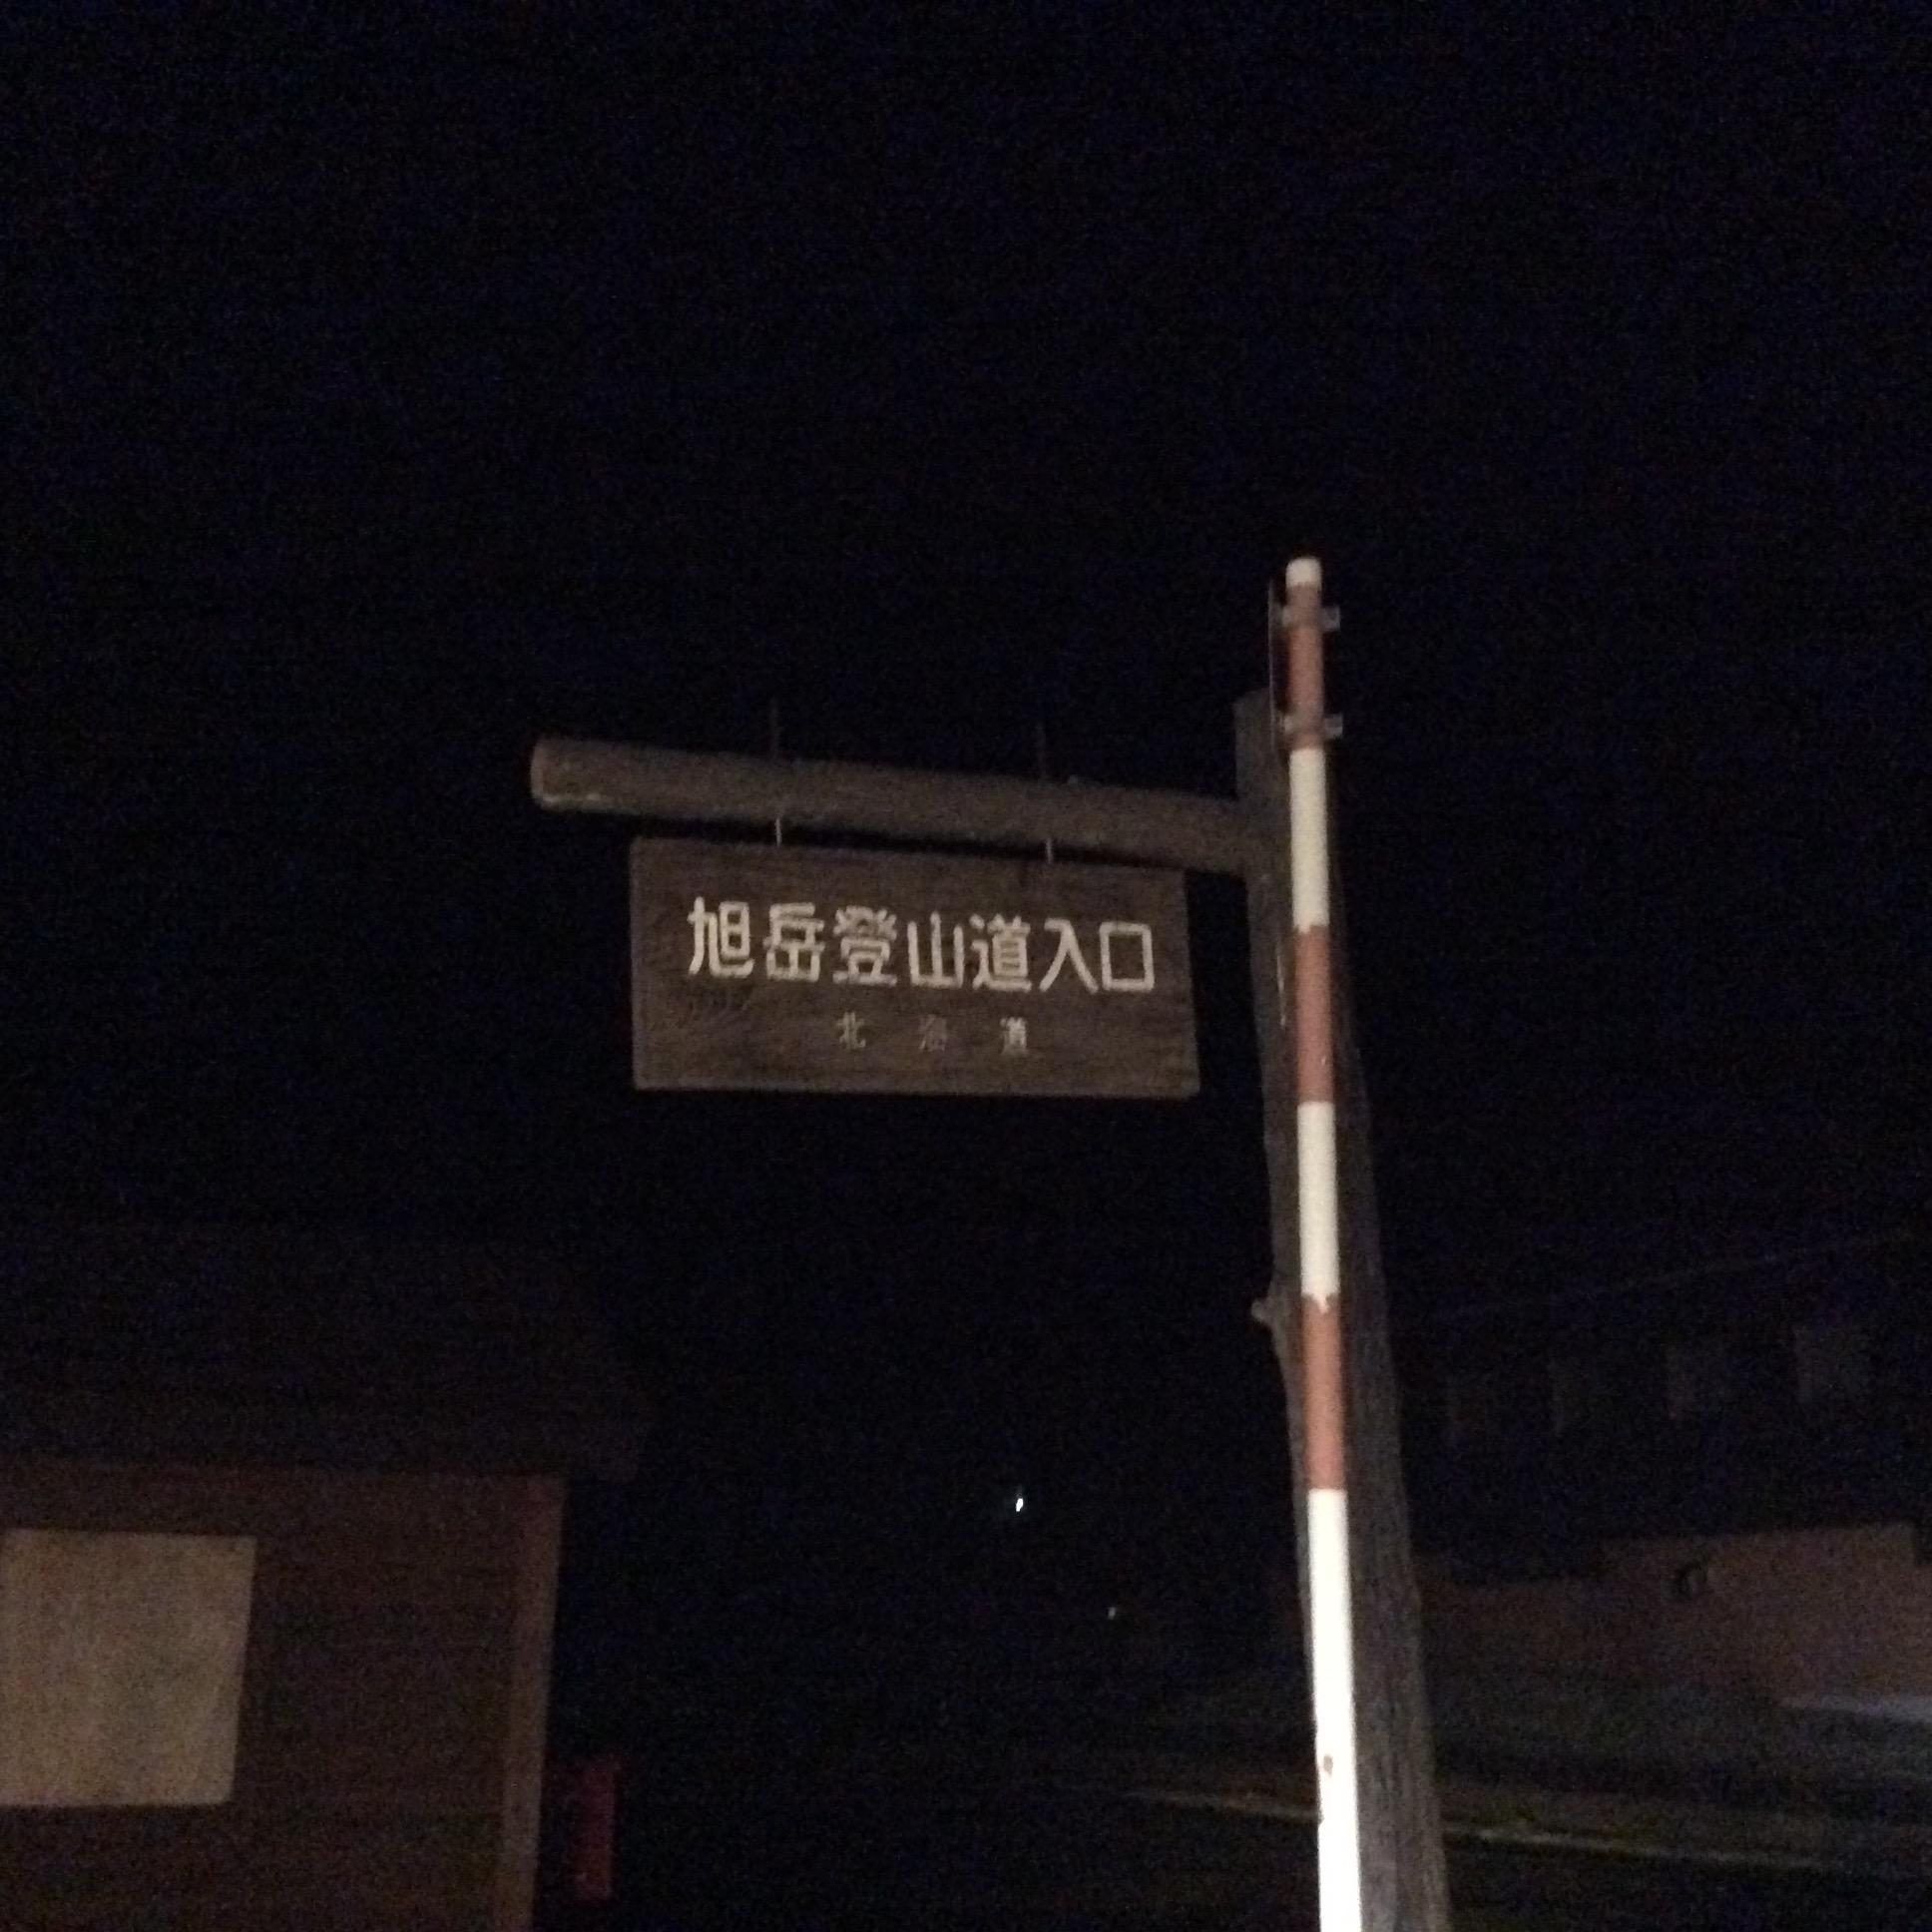 旭岳登山口